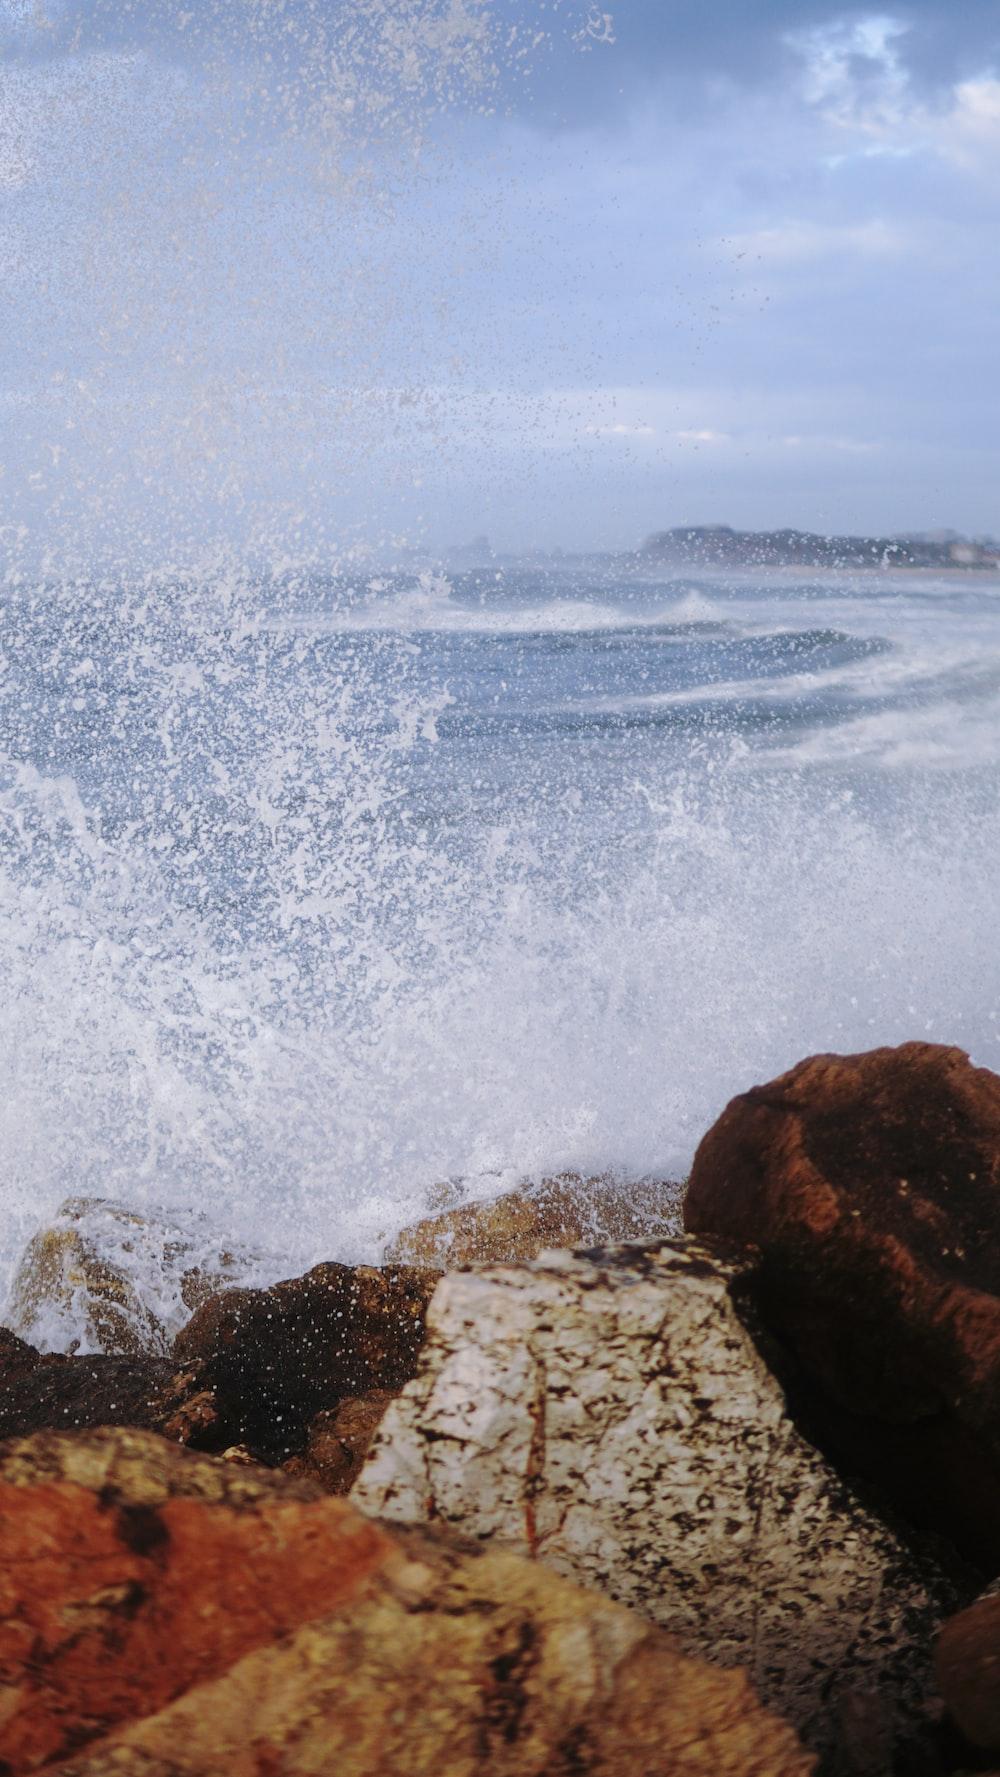 ocean waves crashing on brown rock